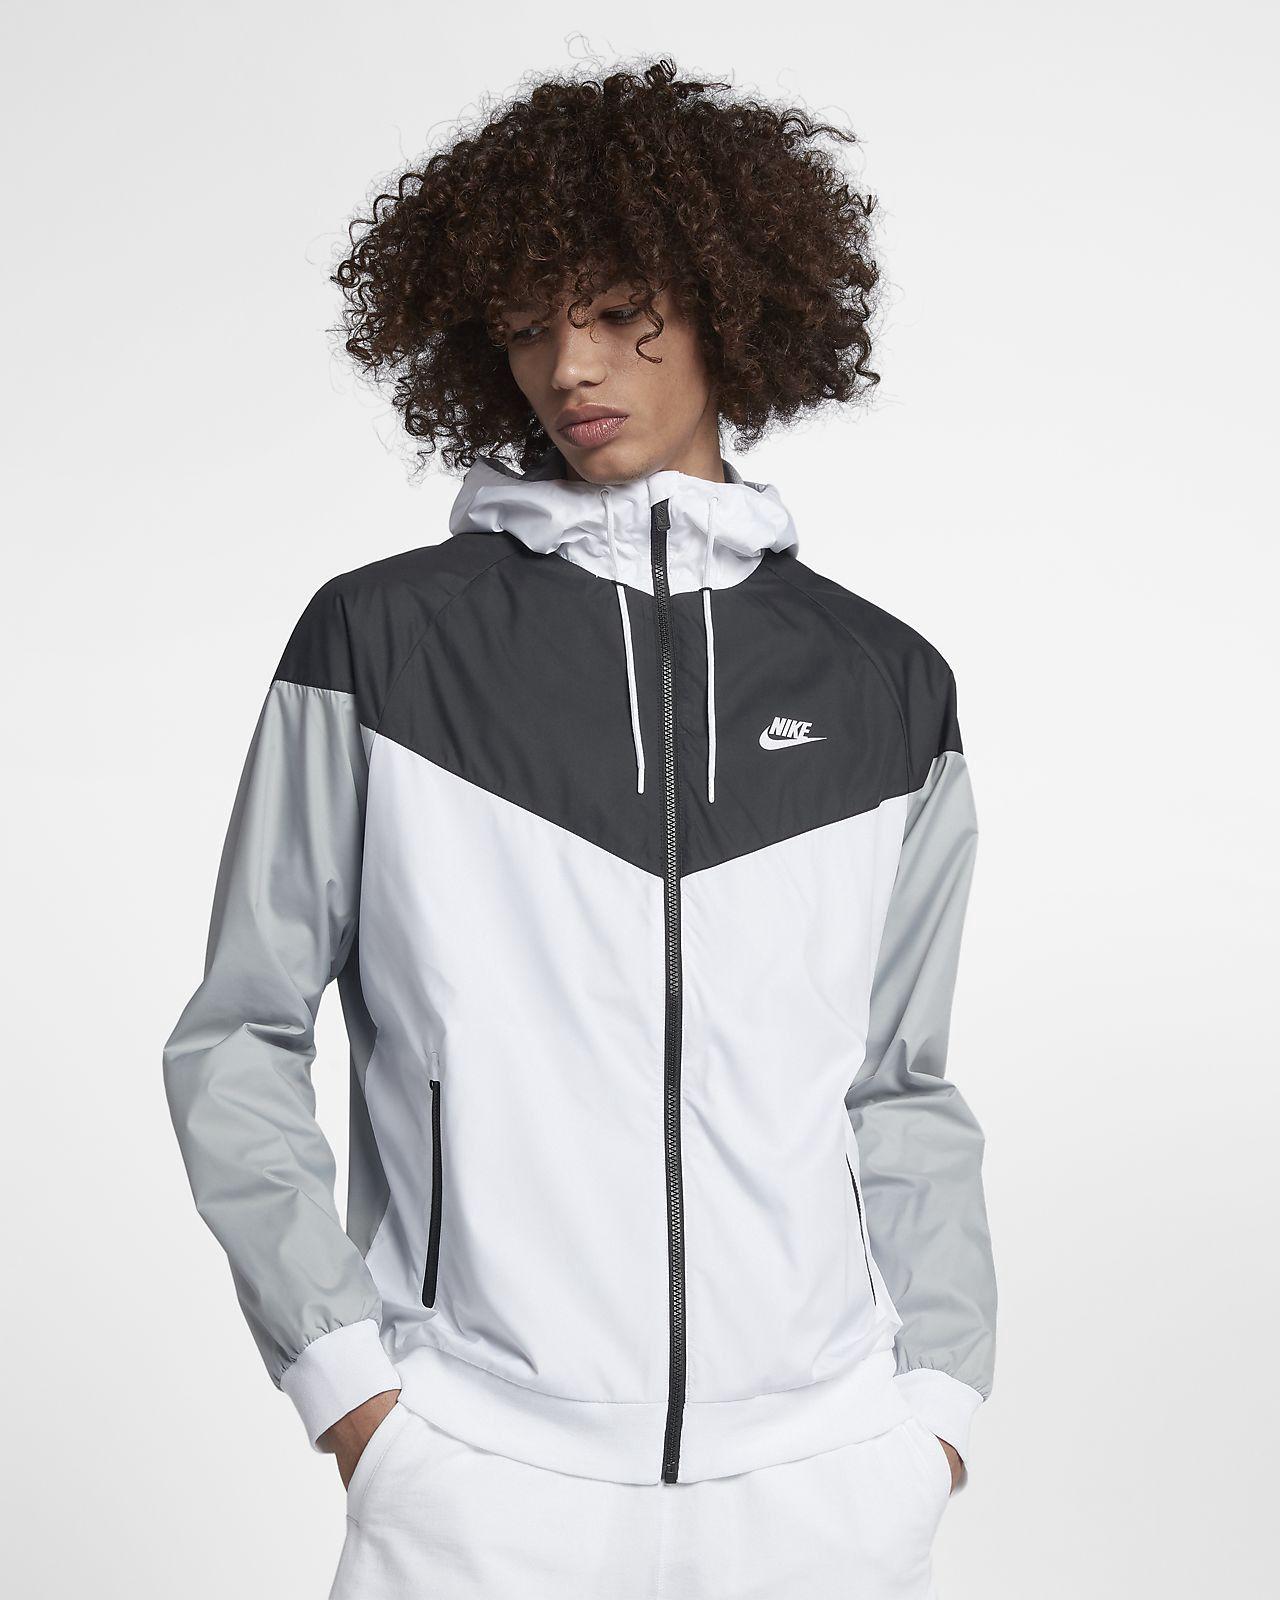 cb5083fa1e358 Nike Sportswear Windrunner Men's Jacket - S in 2019 | Products ...